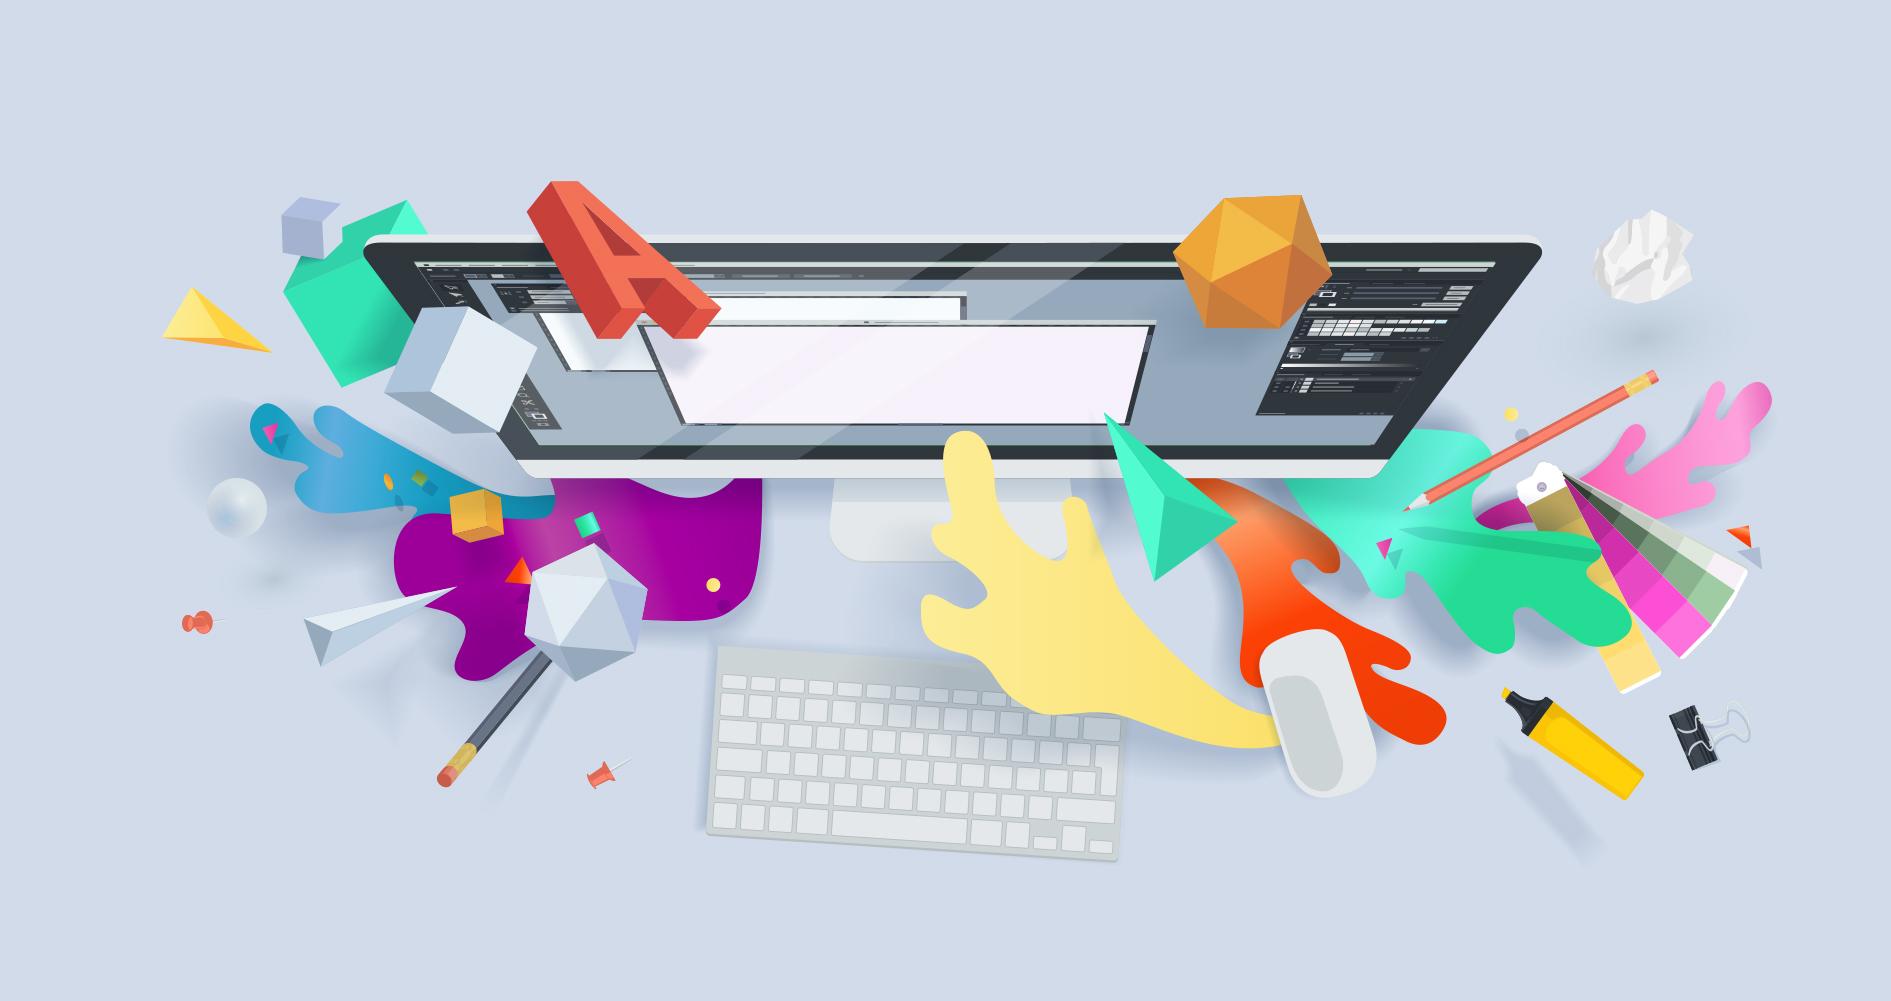 8 ventajas de contar con un diseño web a medida